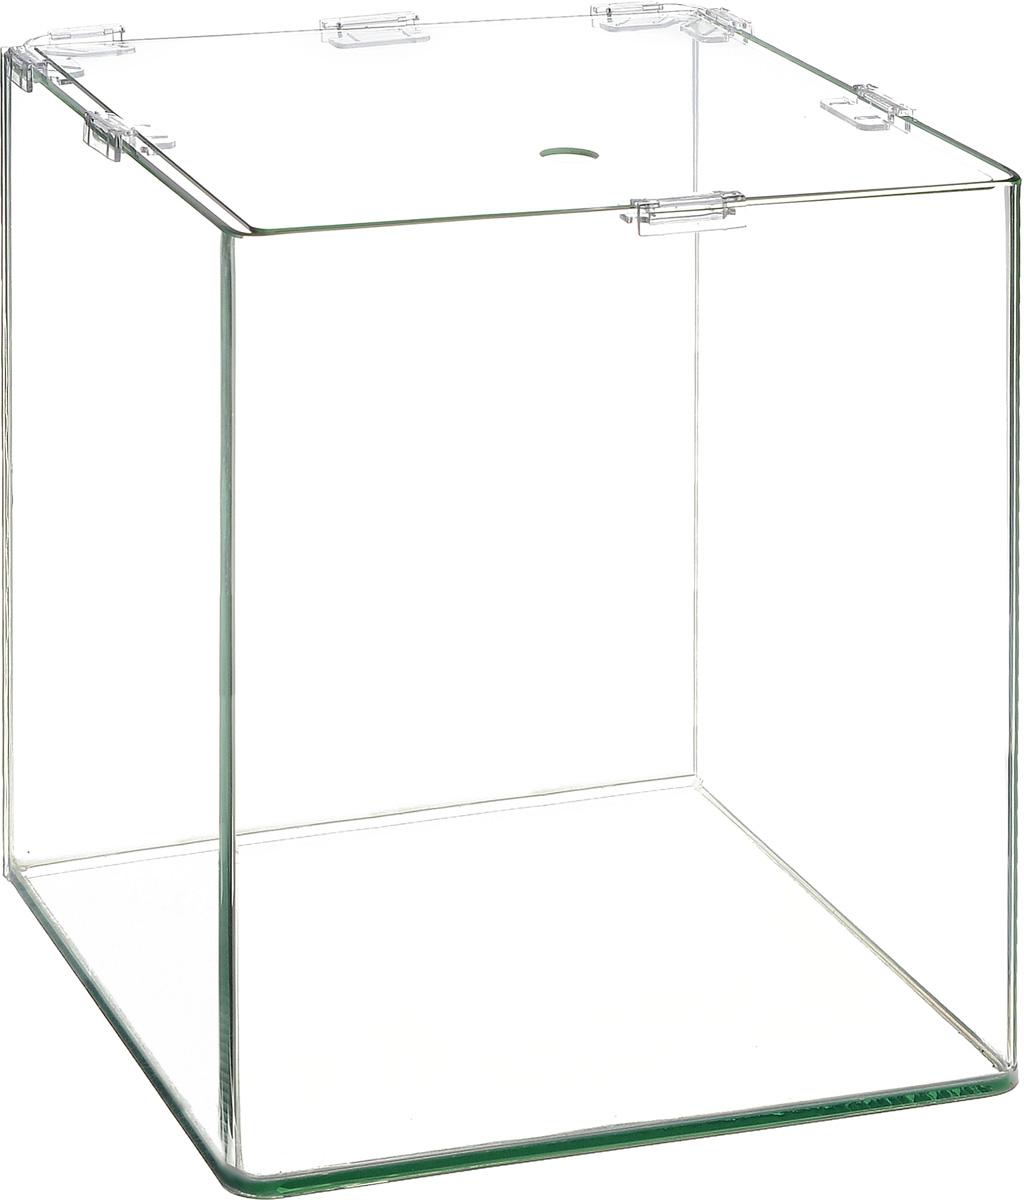 Аквариум Dennerle NanoCube, 10 лDEN5903Аквариум Dennerle NanoCube идеально подходит для содержания небольшого уголка природы в офисе, на столе, на кухне, в ванной комнате, прихожей или гостиной. Аквариум изготовлен из высококачественного стекла, передние углы бесшовные и оснащен покровной крышкой. В комплект входят черная пленка для задней стенки и пластиковые подкладки.